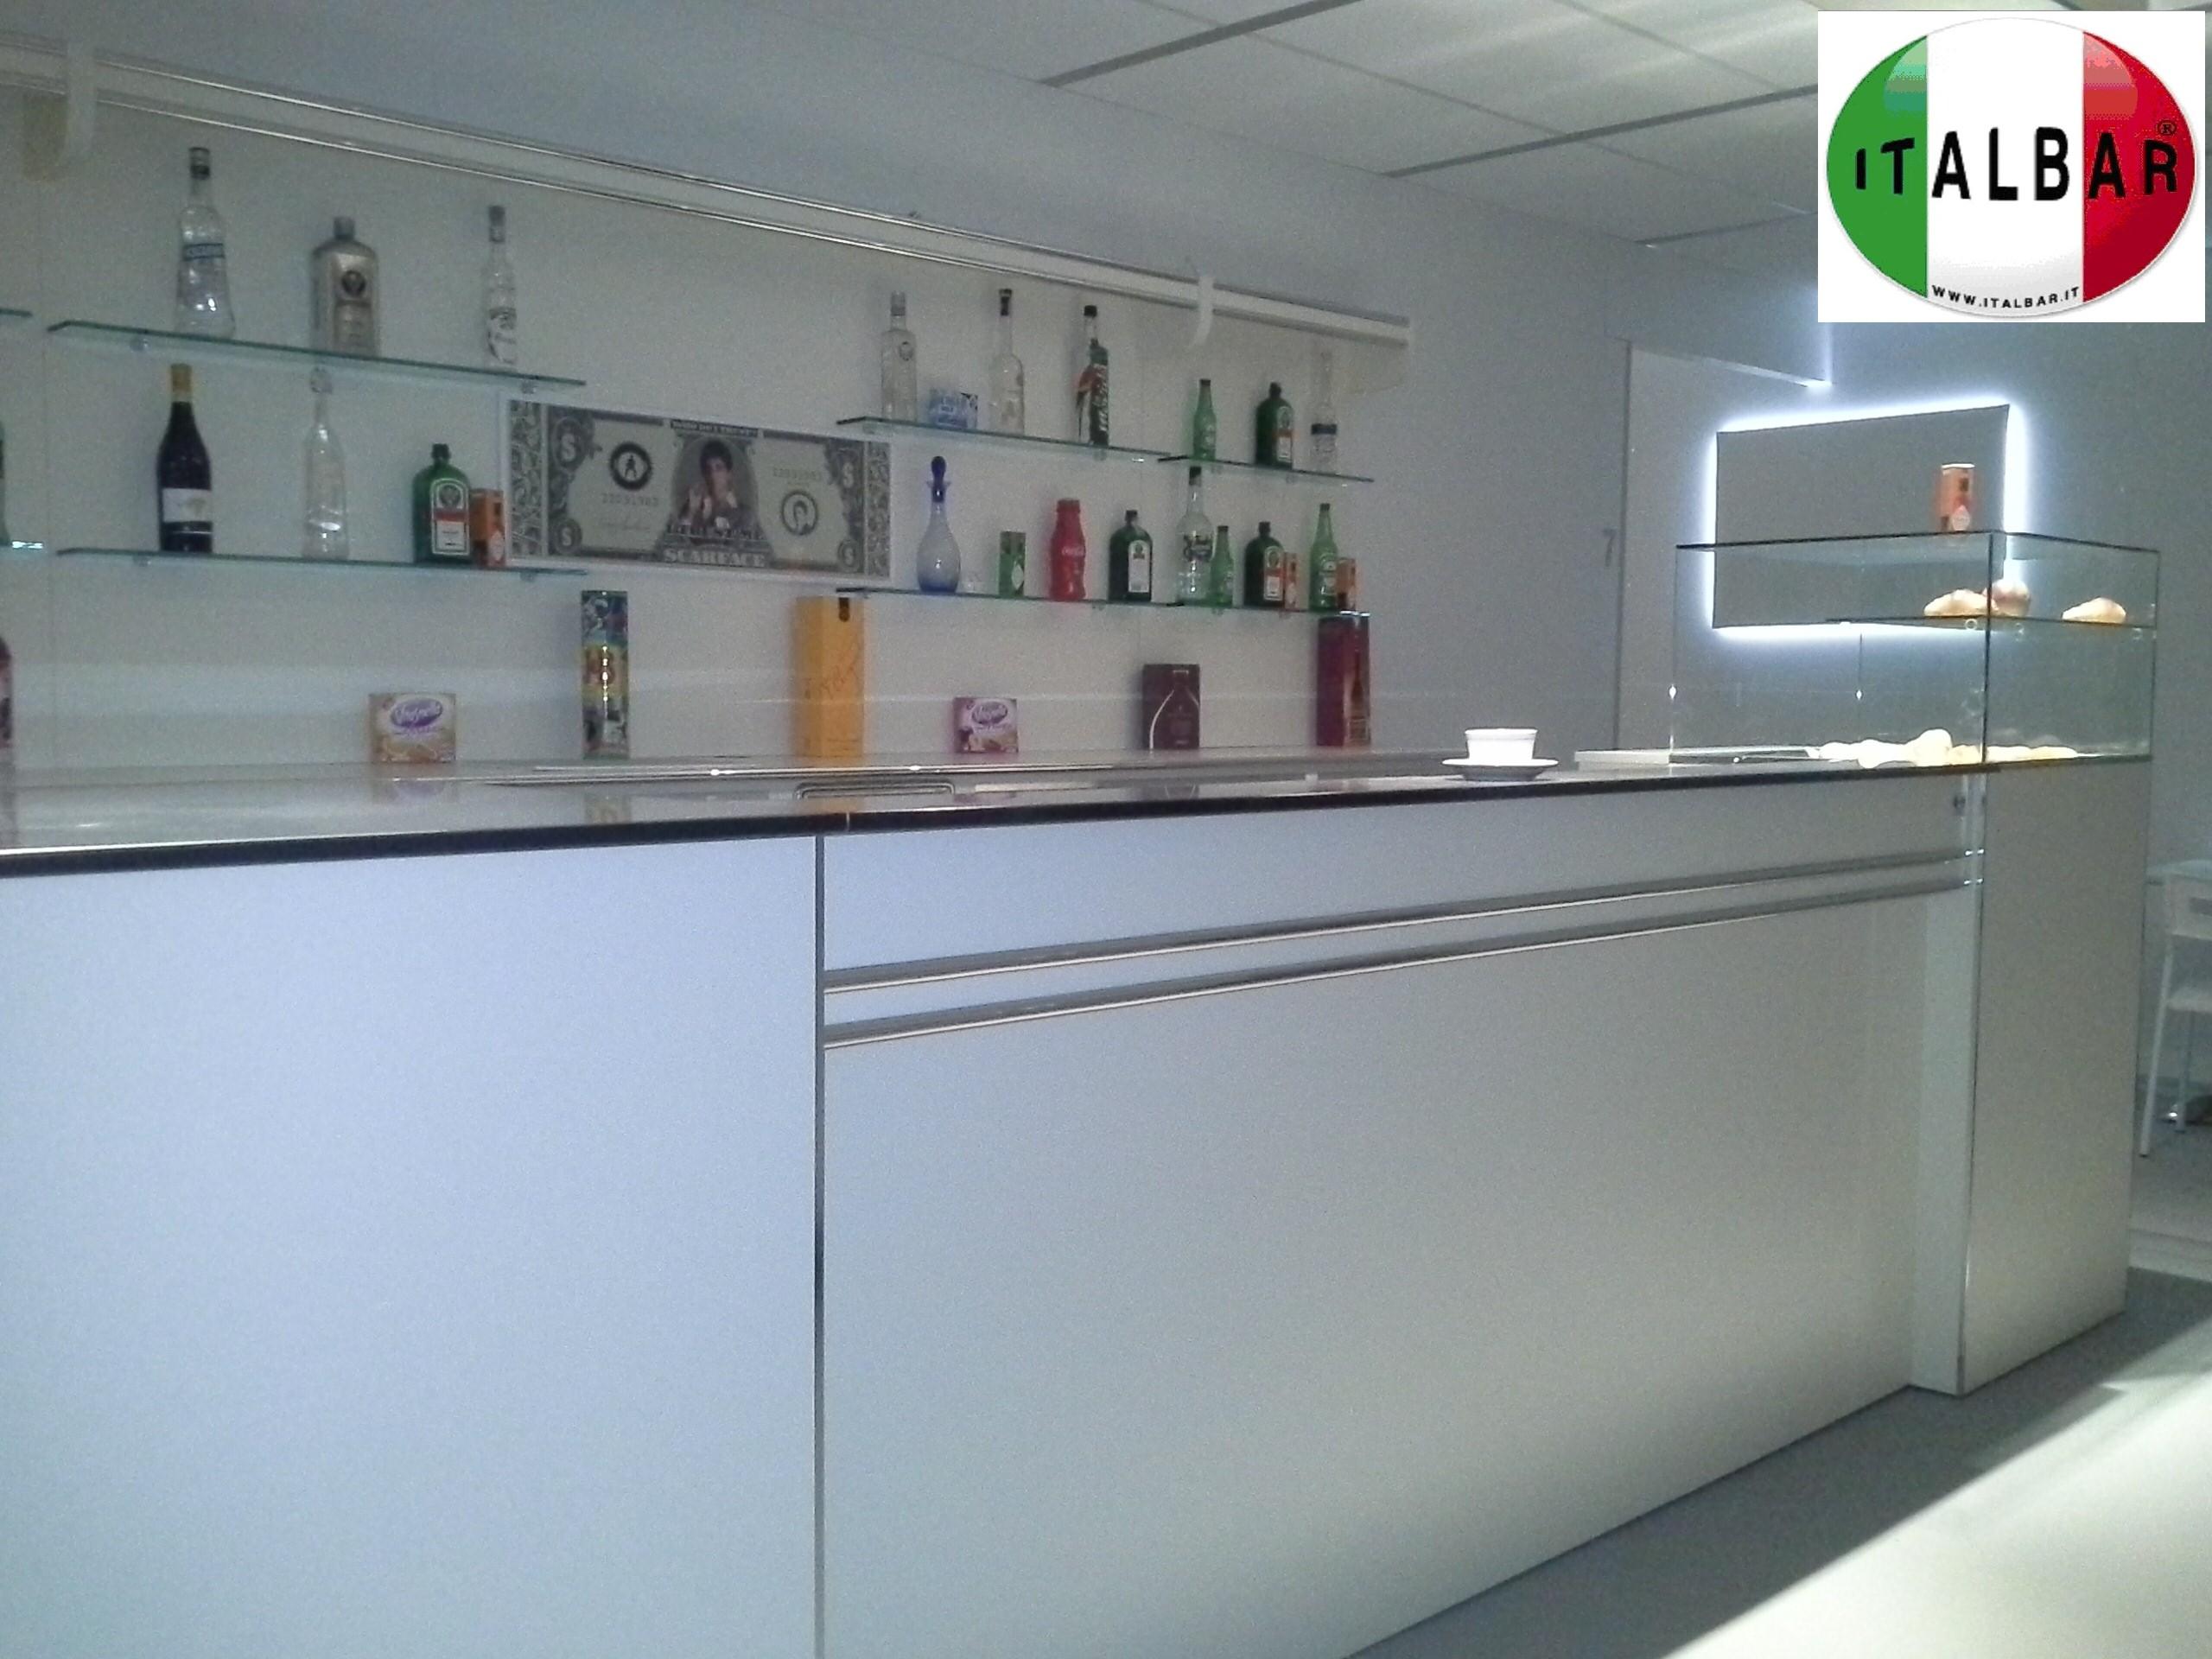 Banconi Frigo Banchi Bar Banconi Bar Produttori Di Banchi Frigo